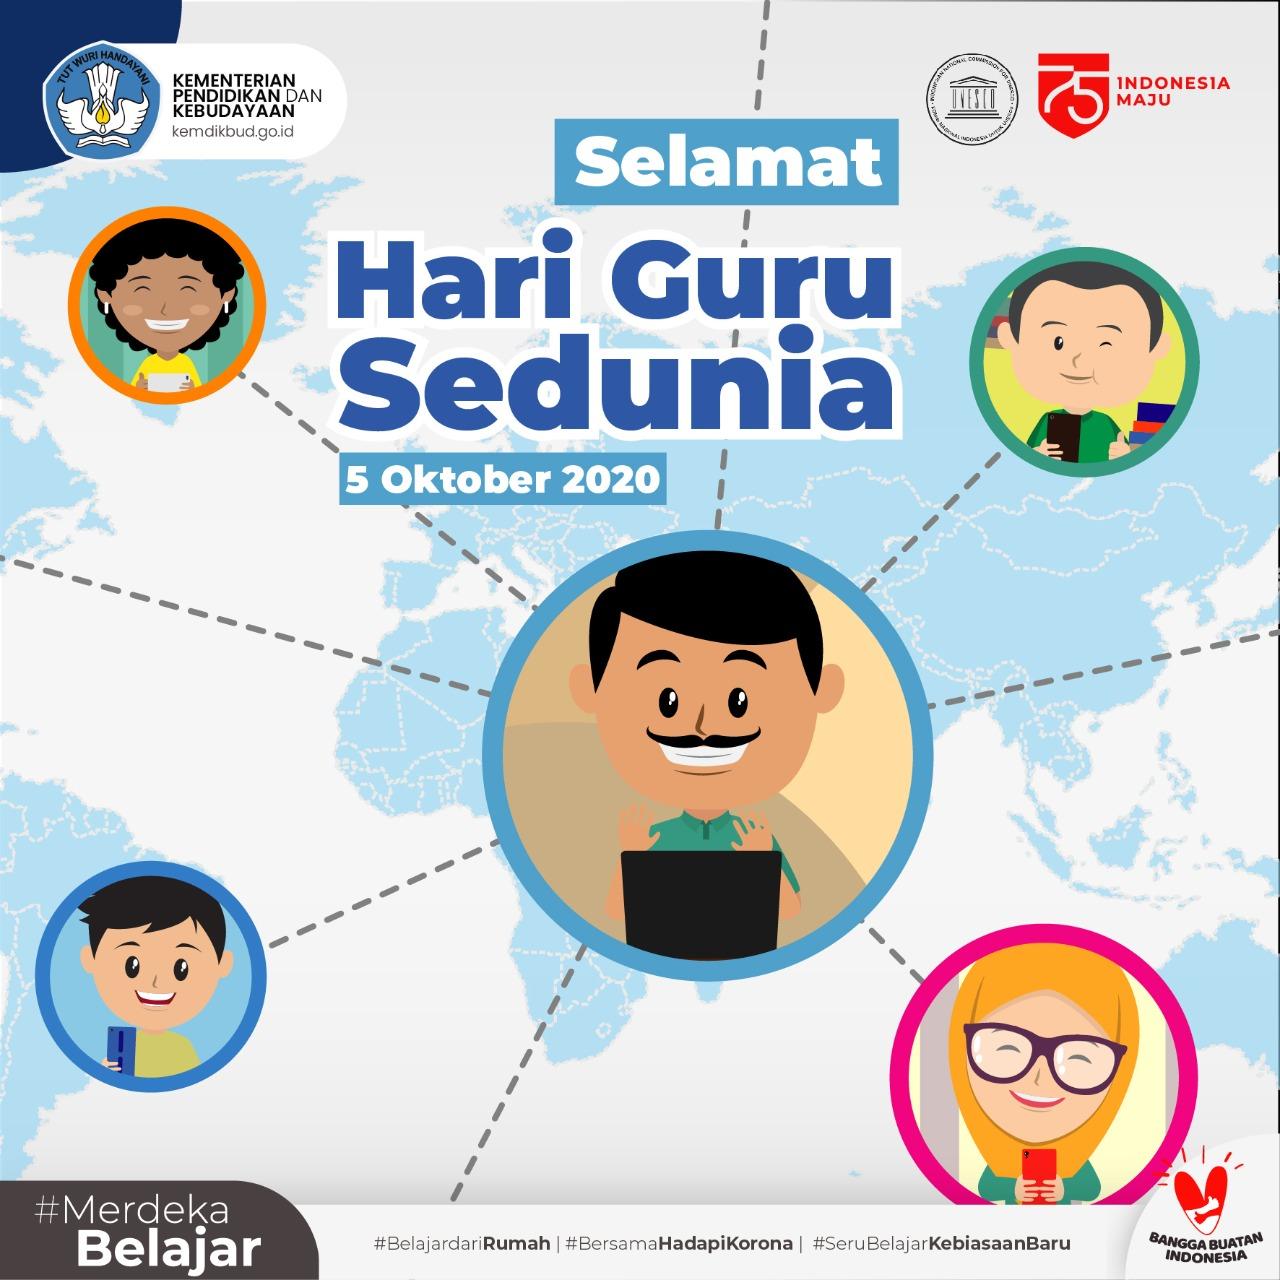 Selamat Hari Guru Sedunia